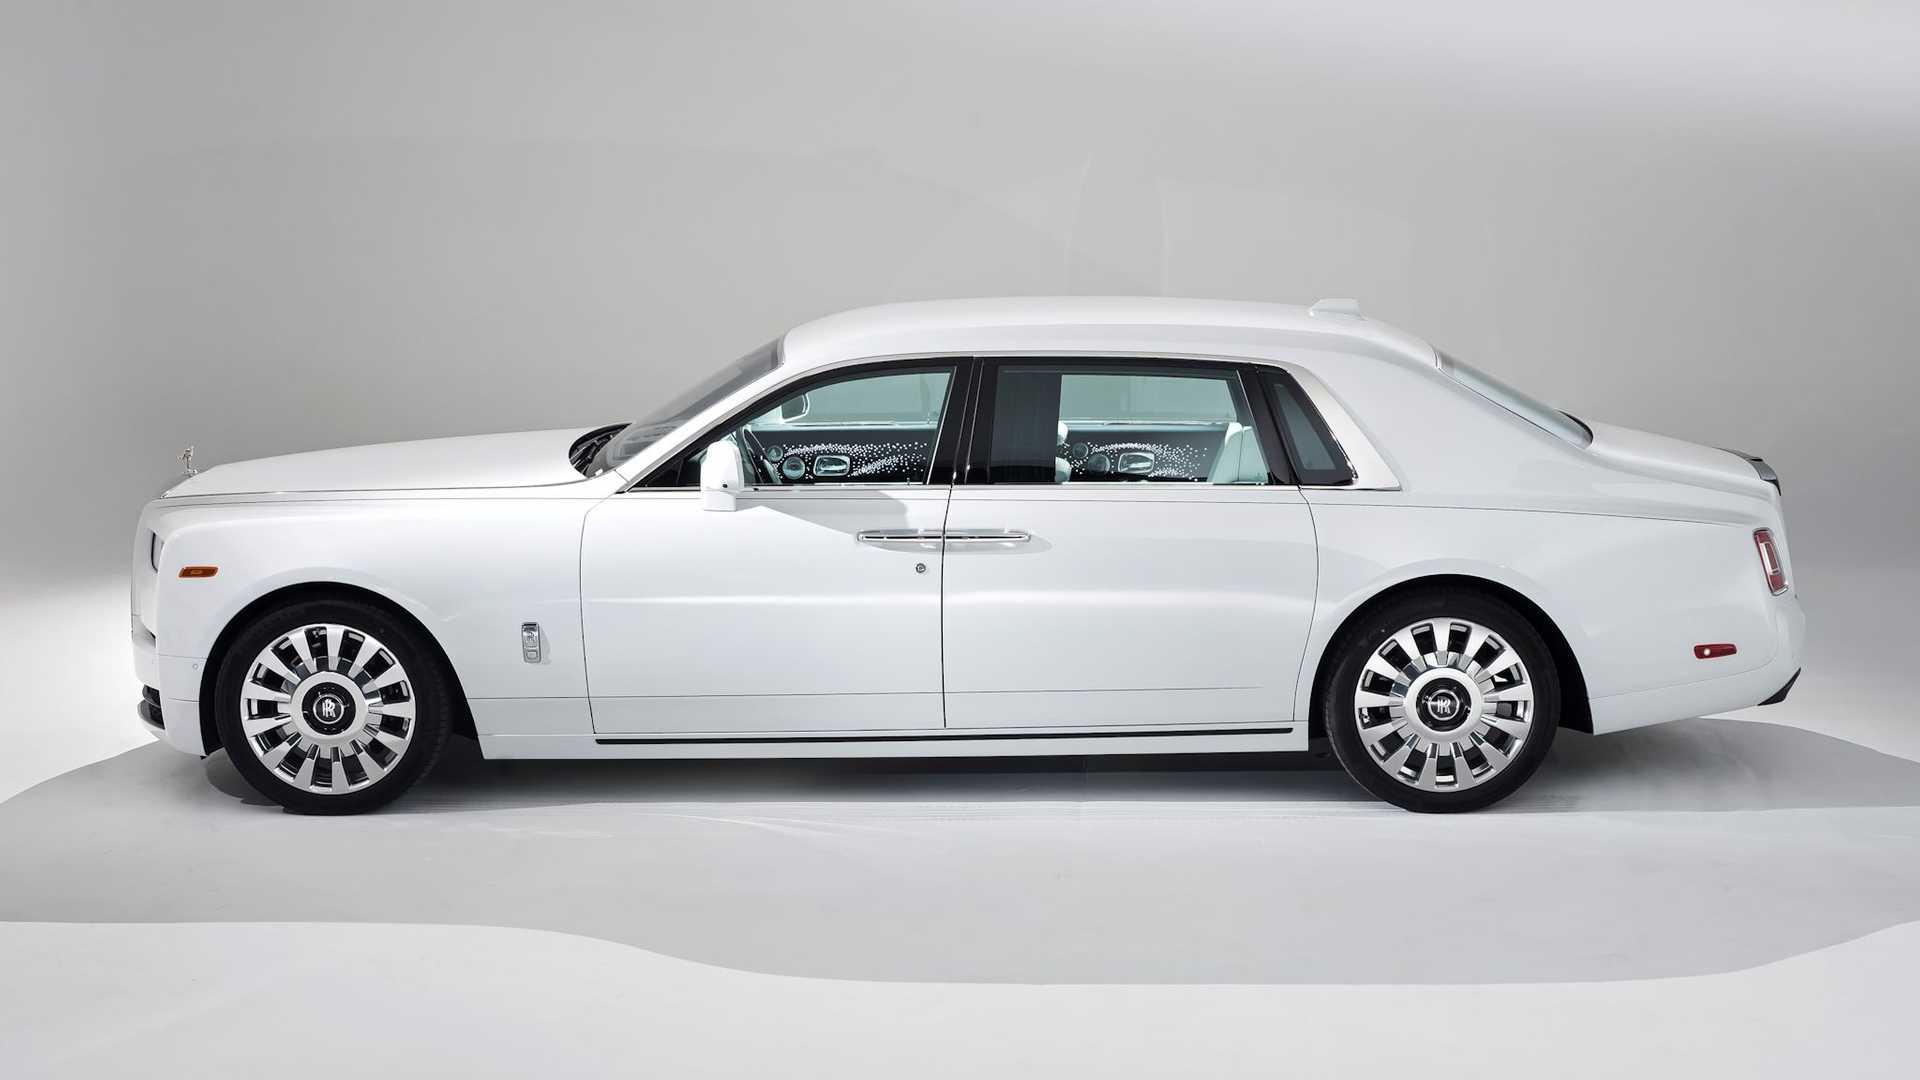 Bộ-đôi-Rolls-Royce-cá-nhân-hóa-kỷ-niệm-dịp-đặc-biệt-của-chủ-nhân (9).jpg